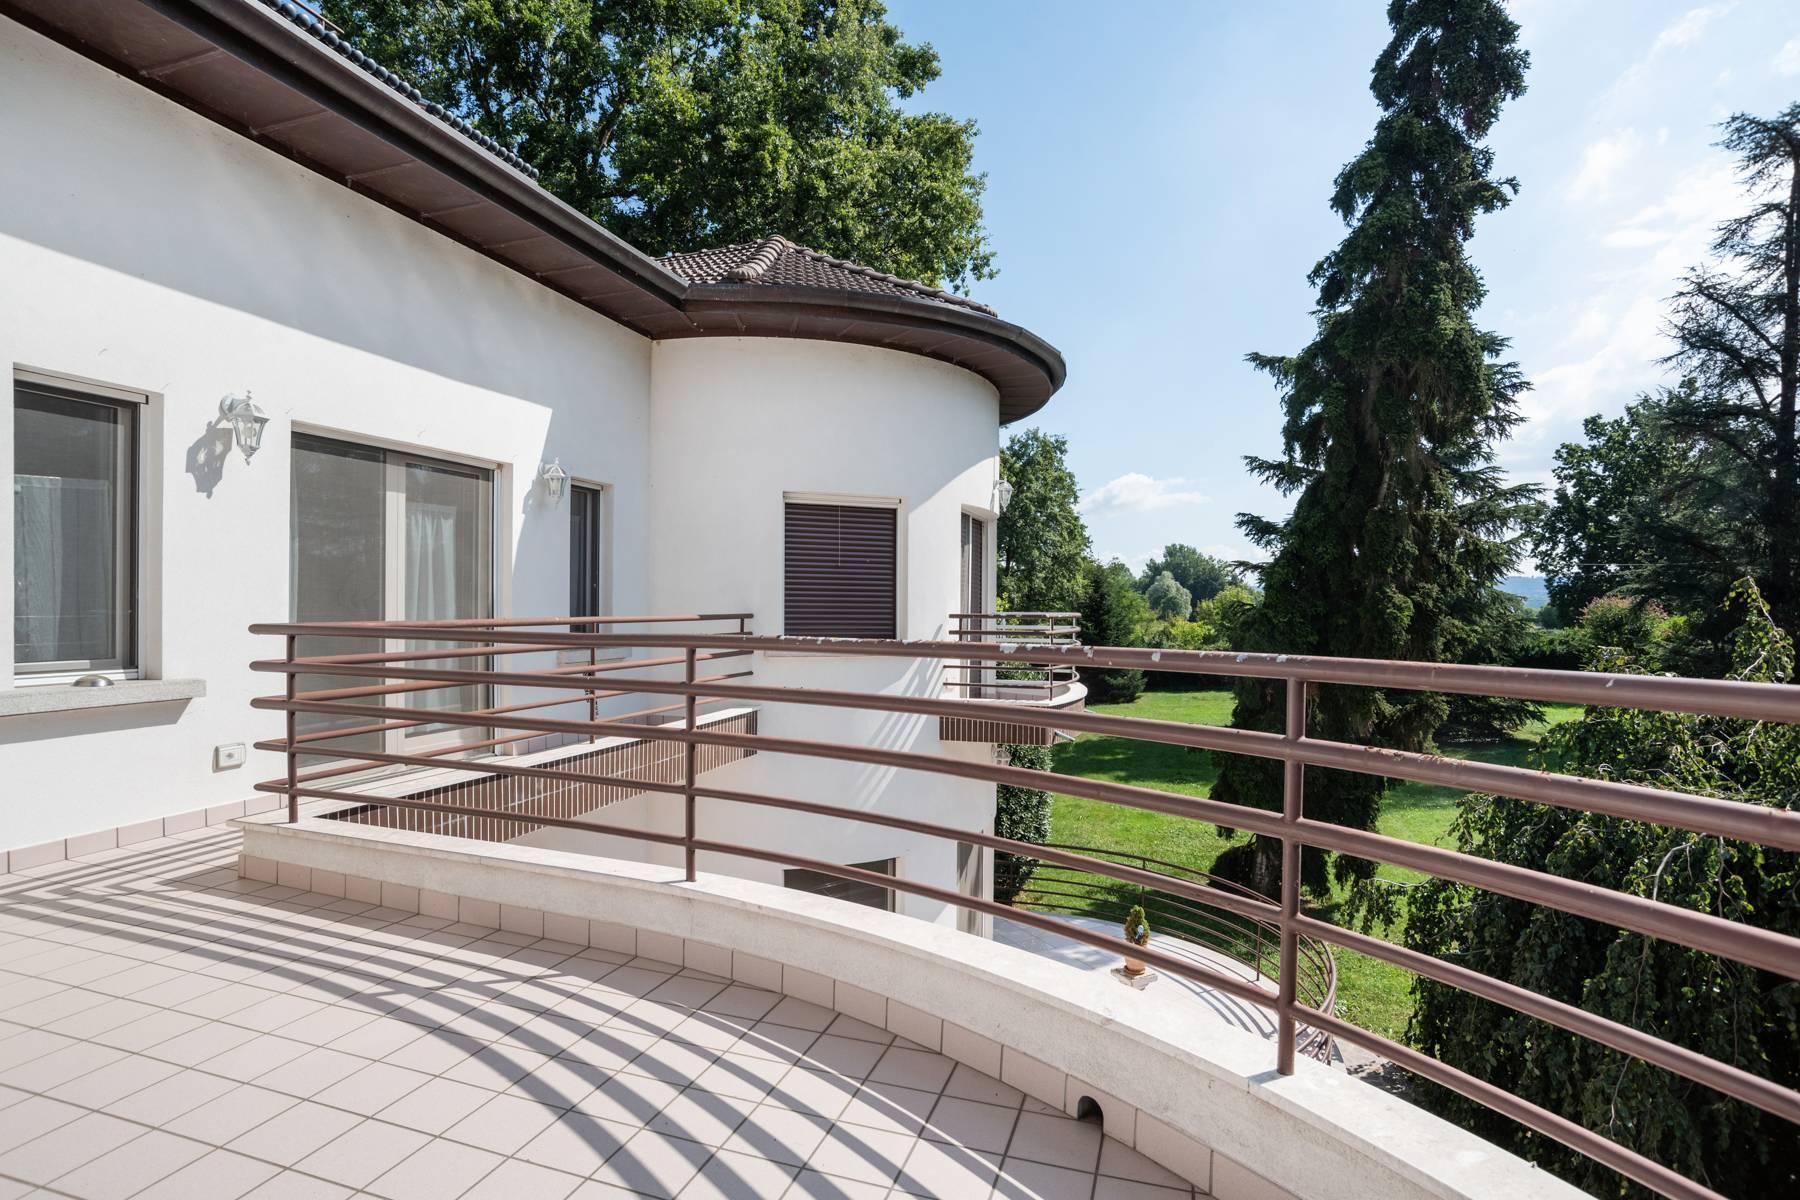 Pieds-dans-l'eau Villa mit Blick auf den See - 26